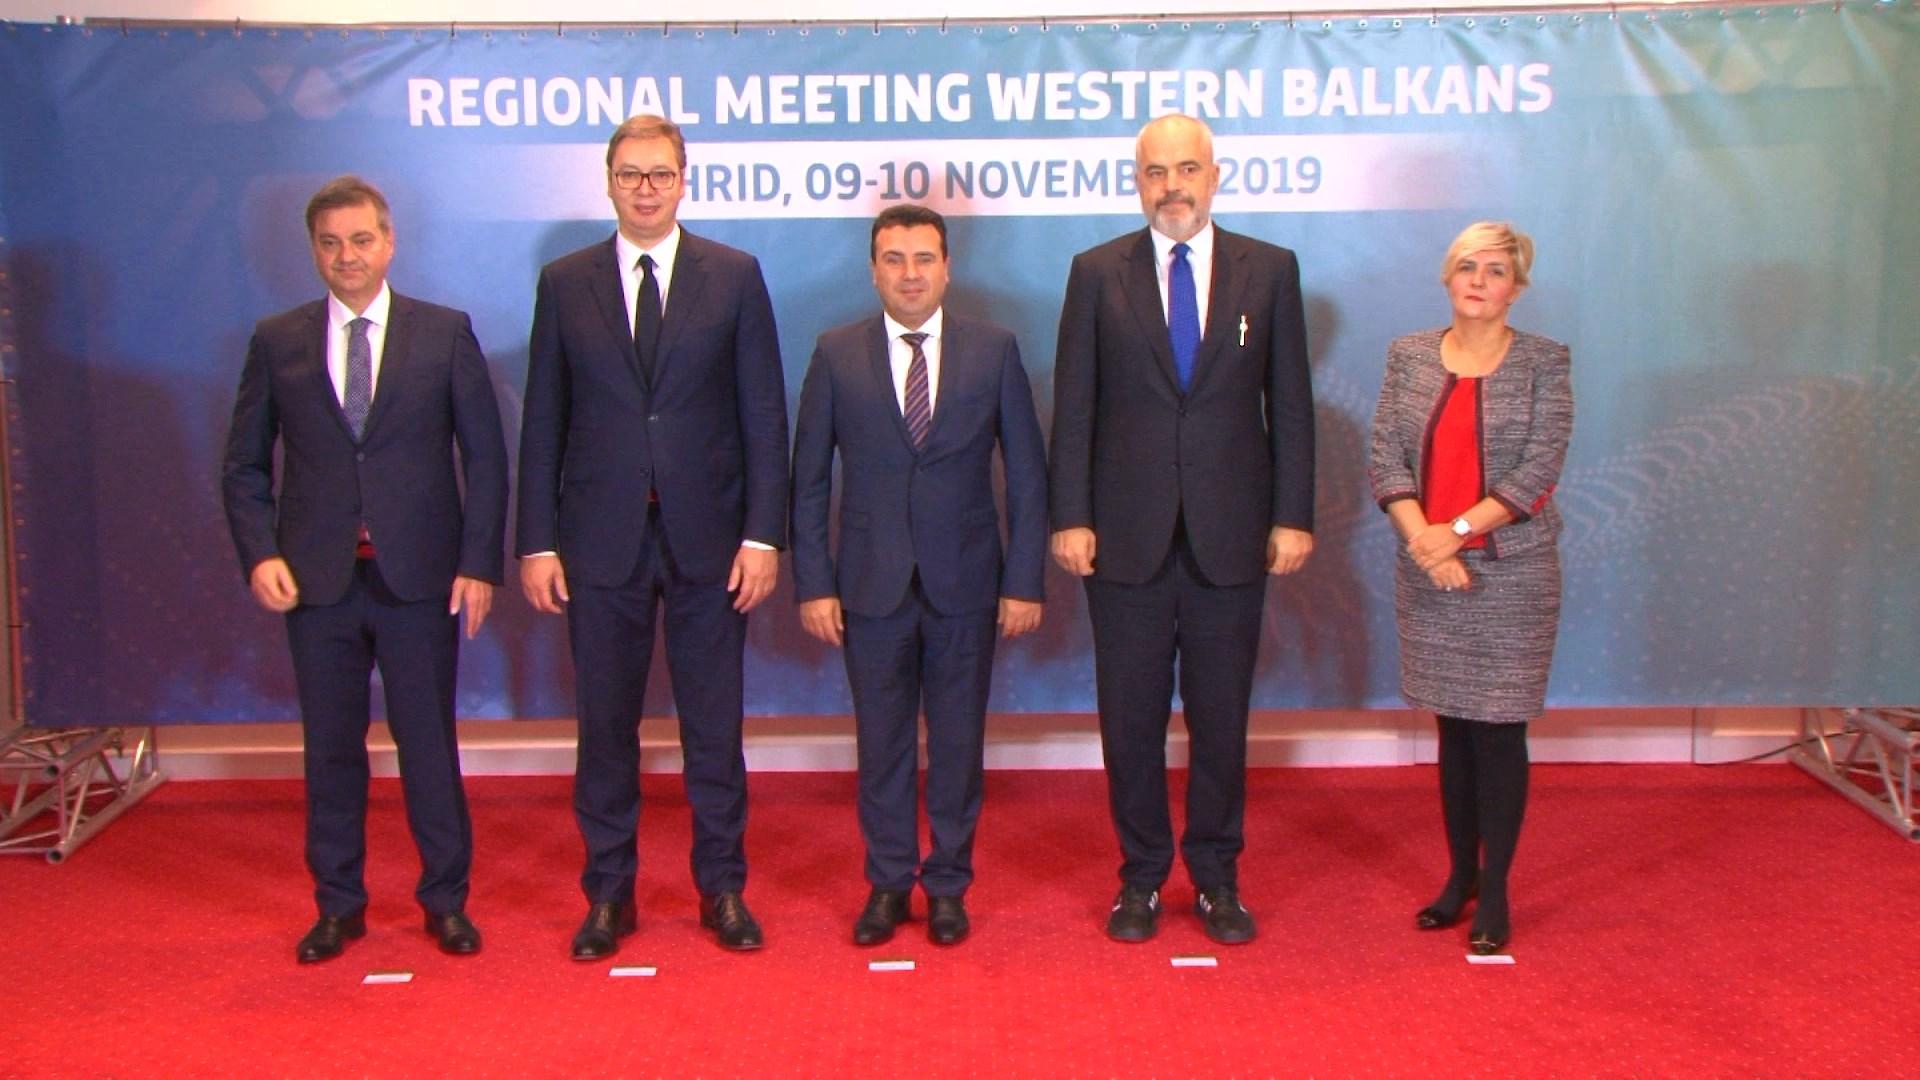 Sot nis takimi i liderëve të Ballkanit Perëndimor në Tiranë, Kosova s'merr pjesë shkak Vuçiç